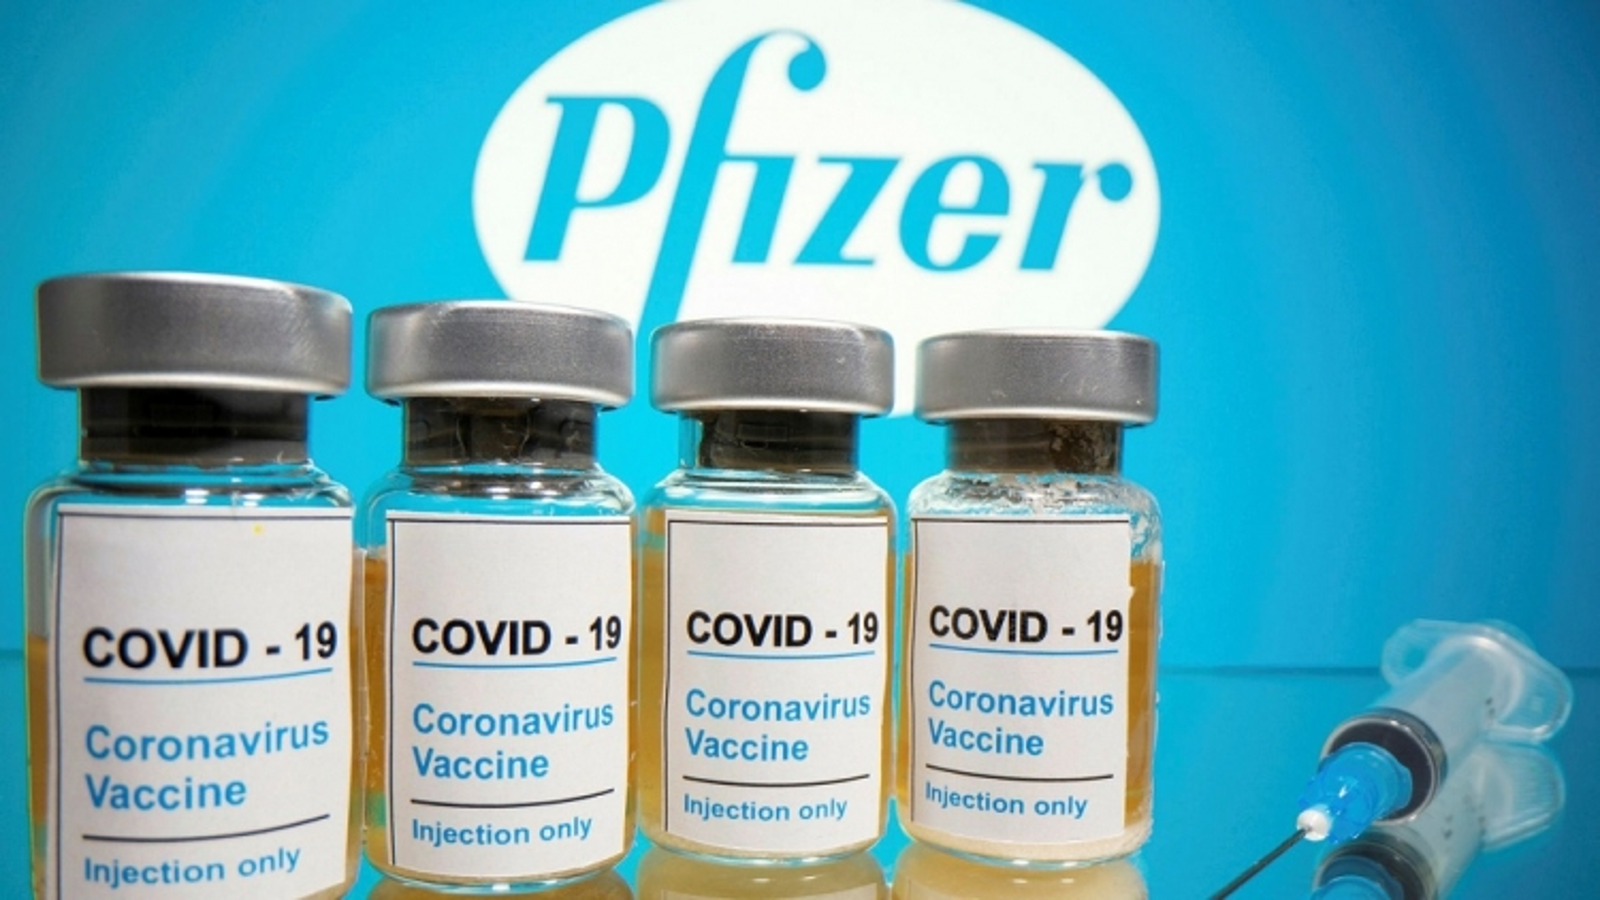 Anh sẽ là quốc gia đầu tiên tiêm vaccine Covid-19 của hãng Pfizer/BioNTech